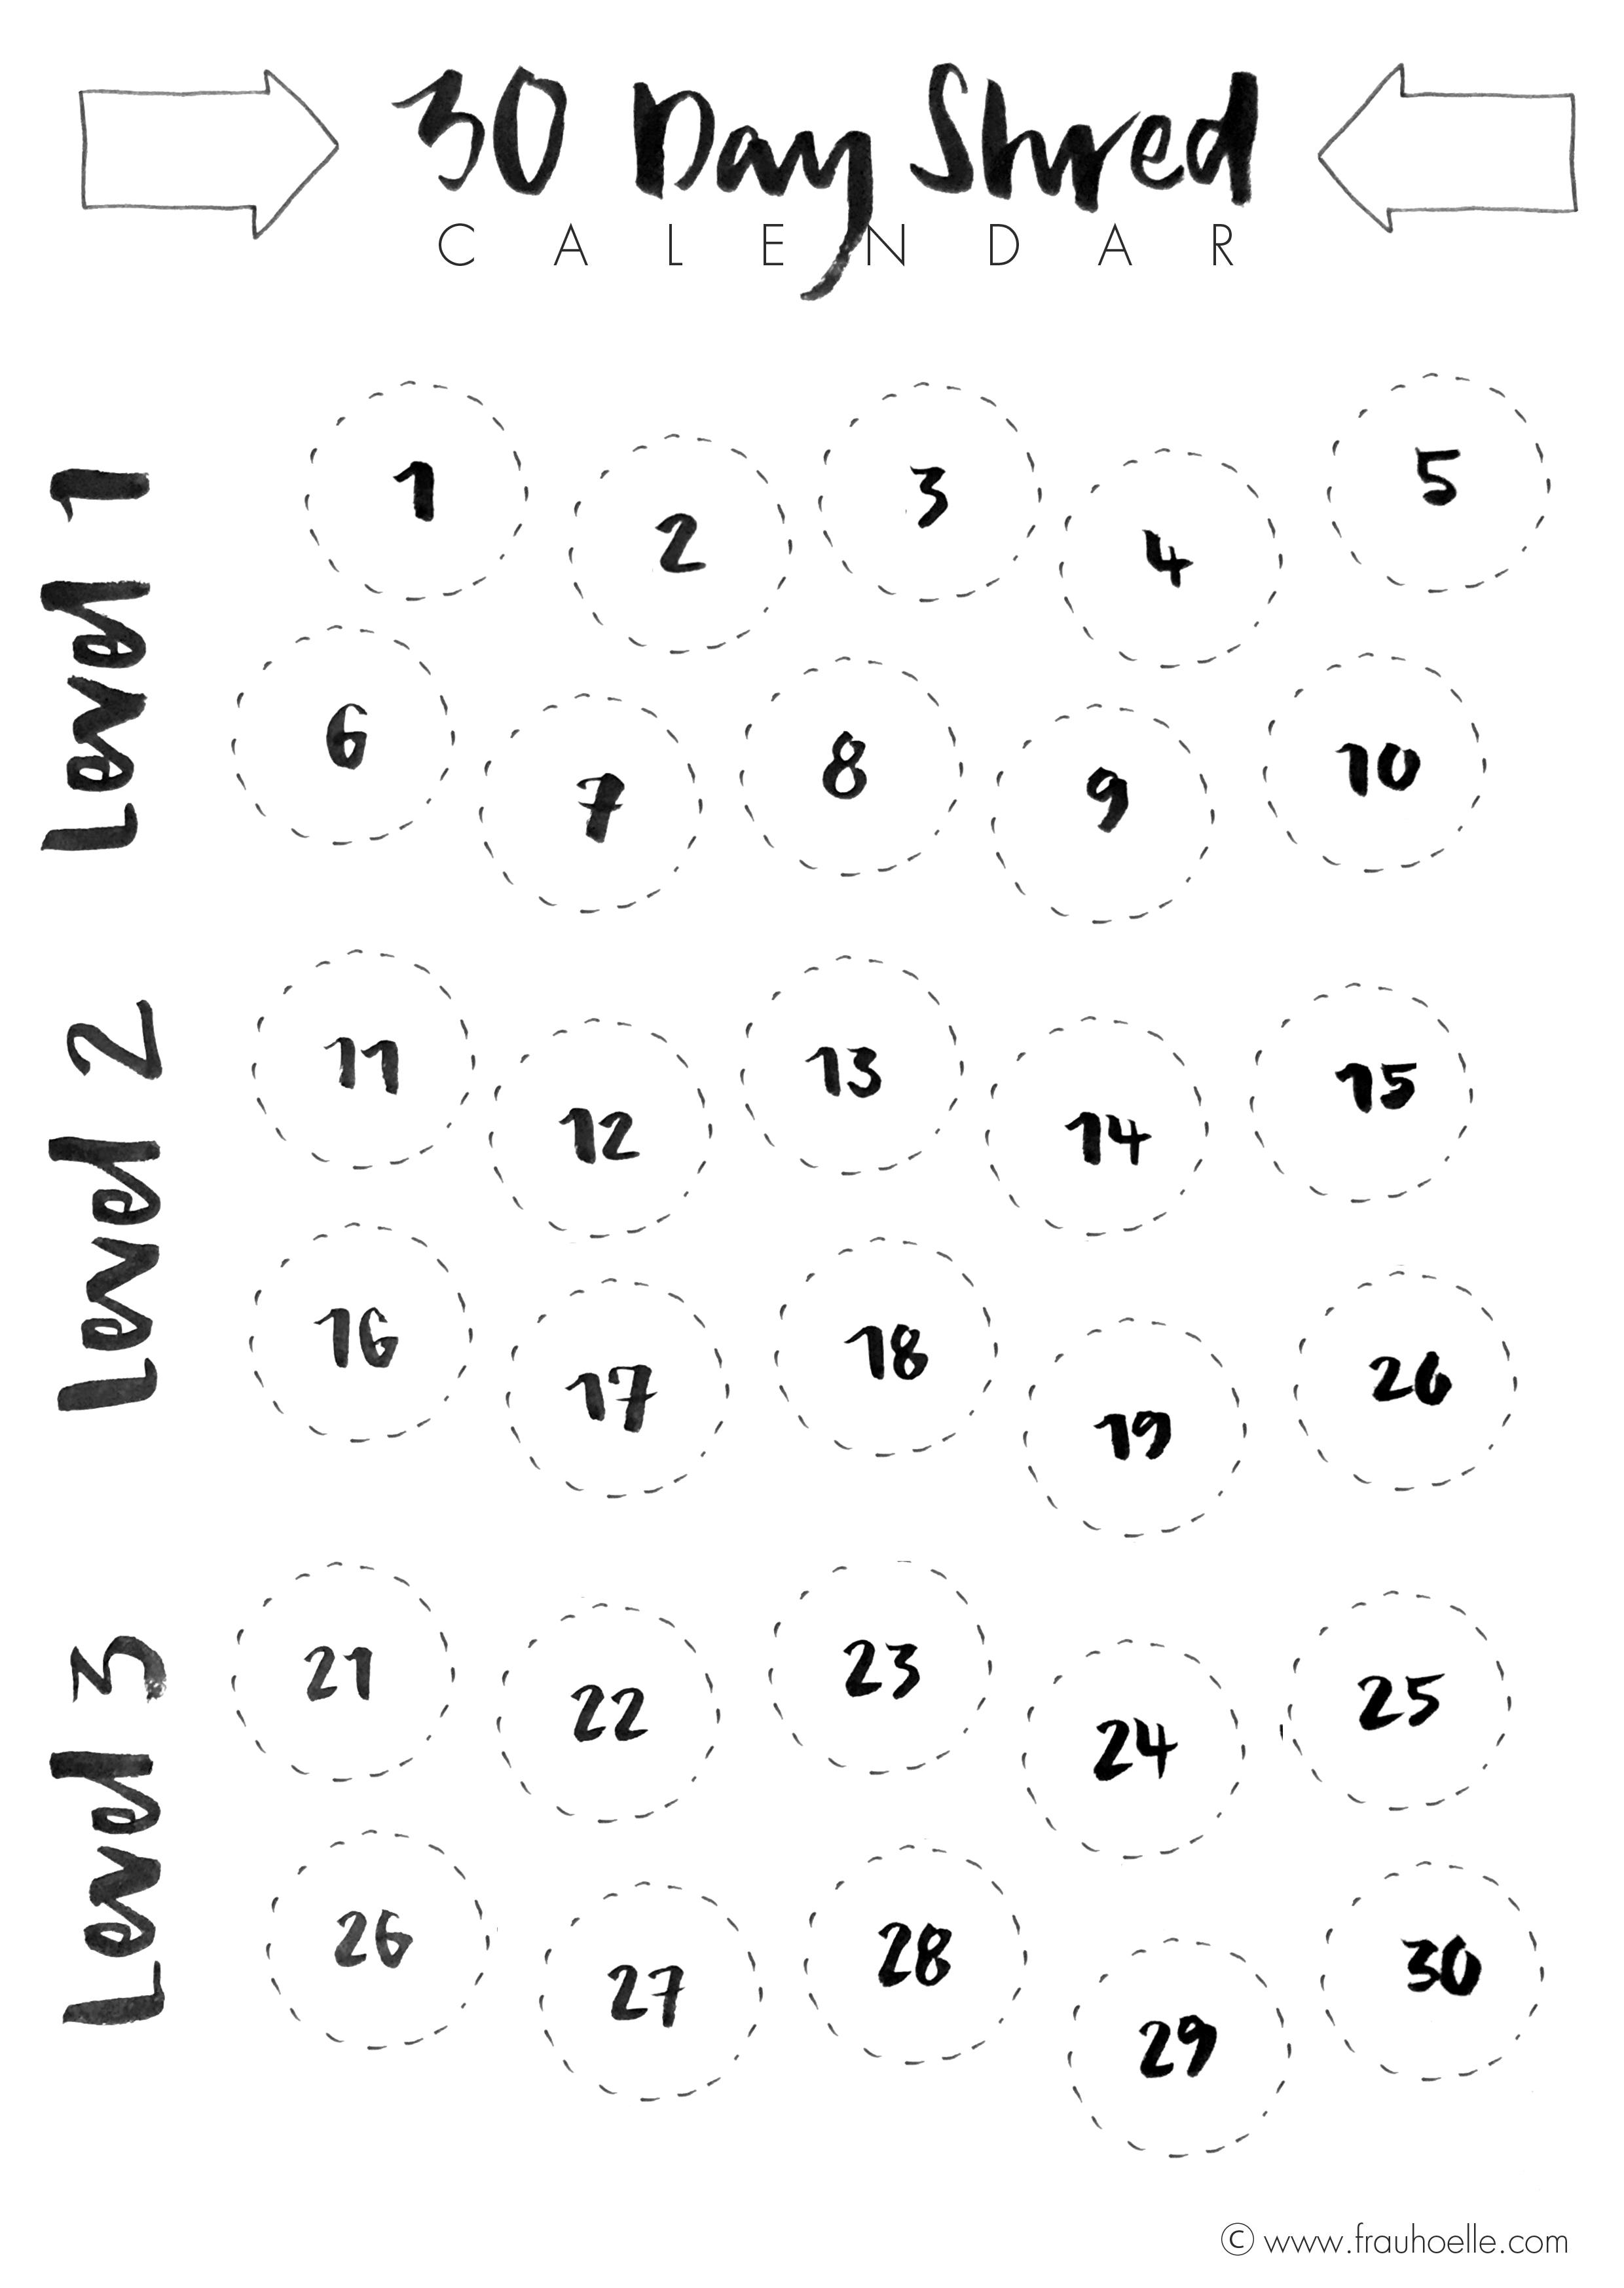 weg mit dem speck die 30 tage shred challenge mit brush lettering trainingskalender freebie. Black Bedroom Furniture Sets. Home Design Ideas